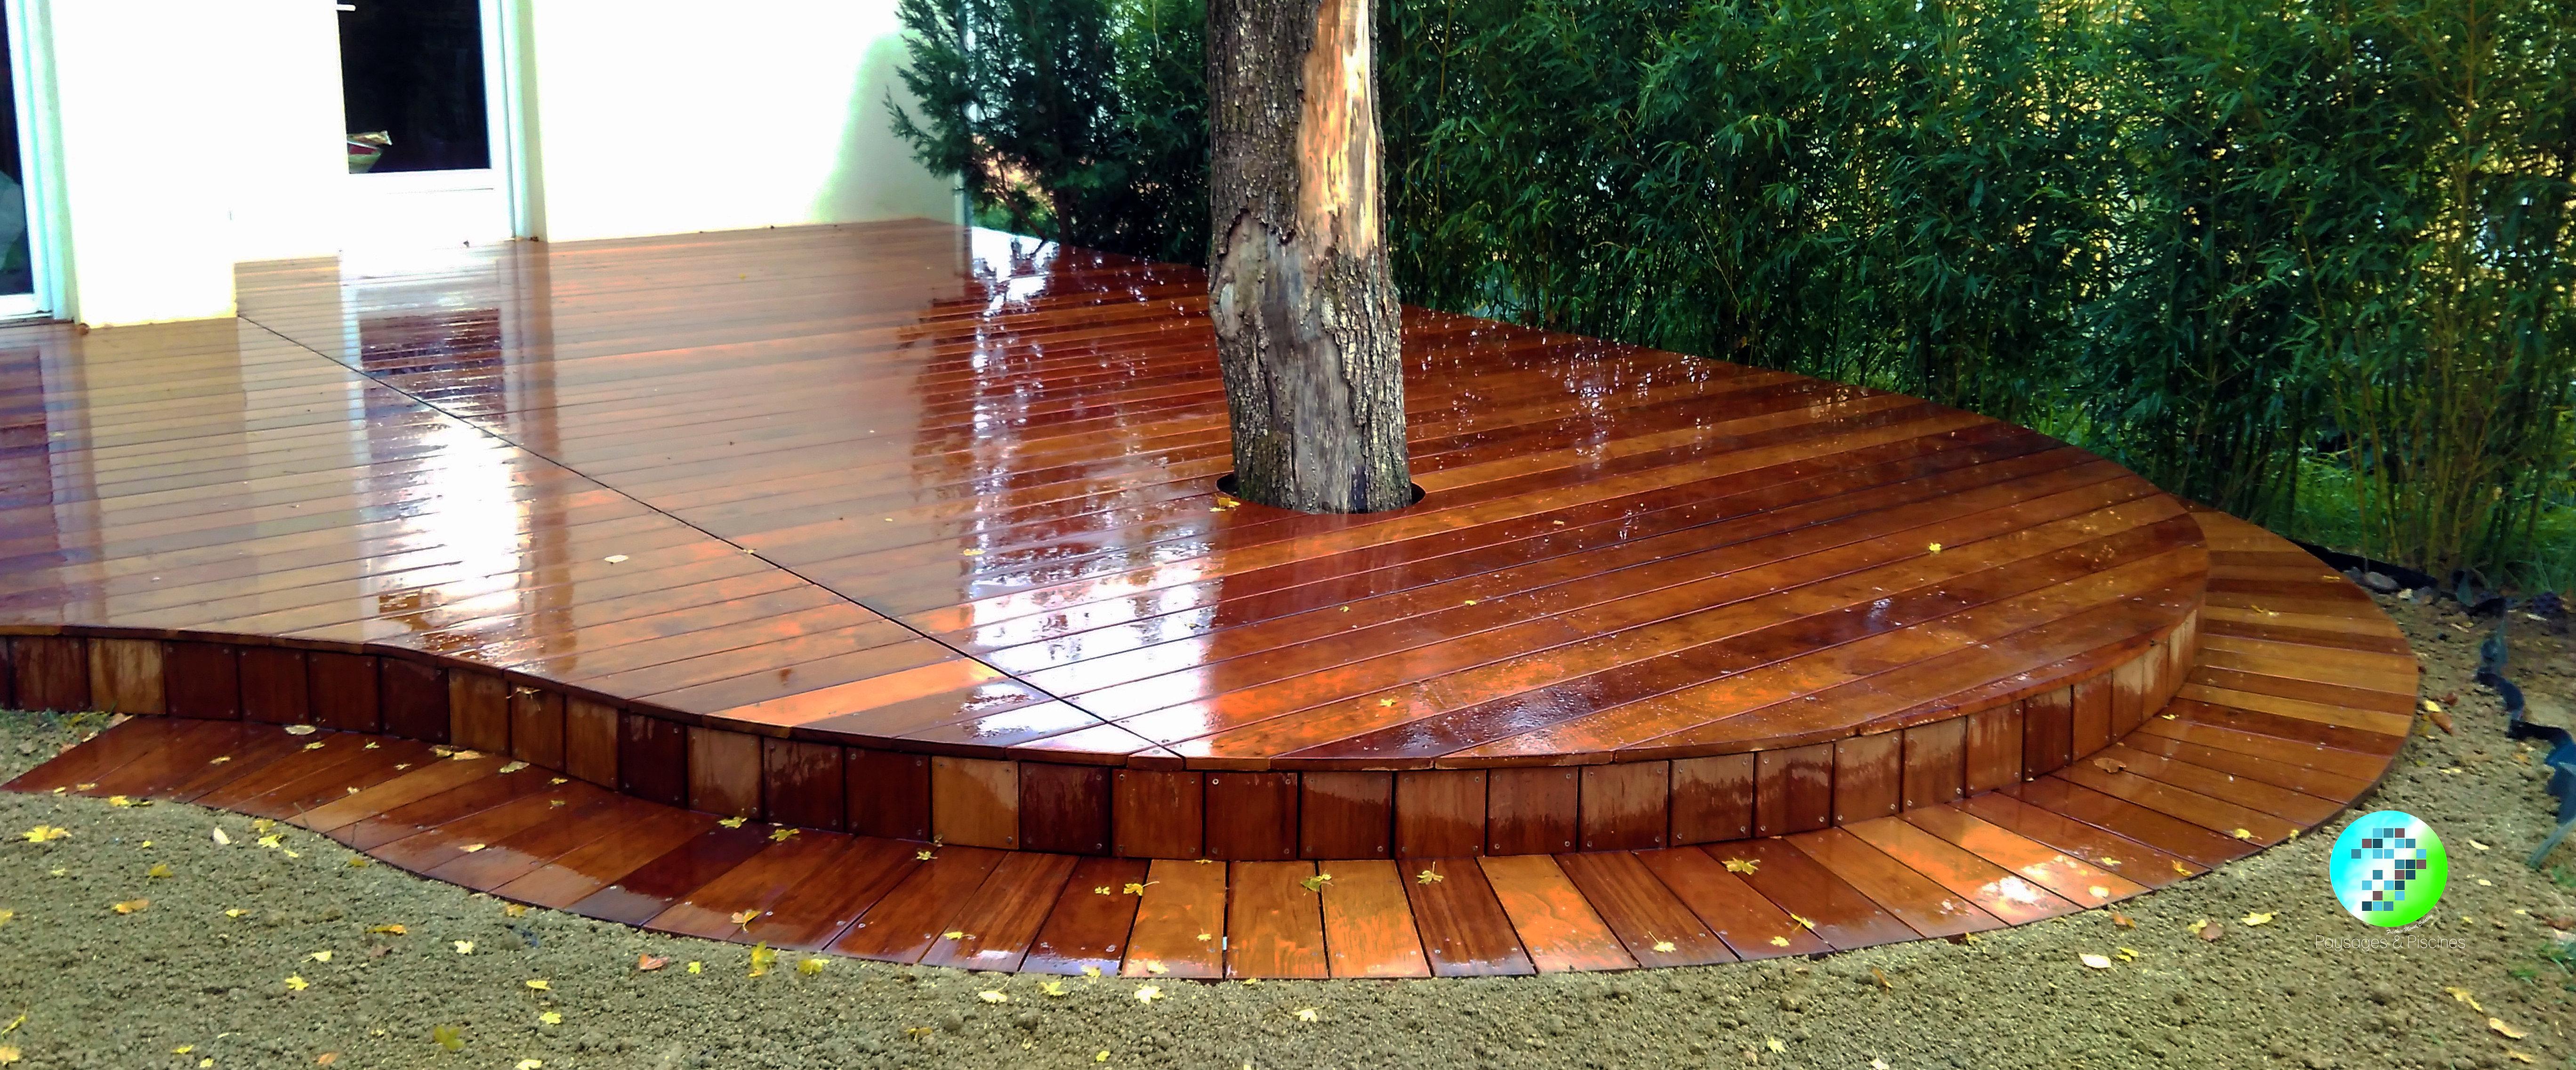 paysages et piscines paysagiste lyon accueil plancher courbe en bois exotique. Black Bedroom Furniture Sets. Home Design Ideas